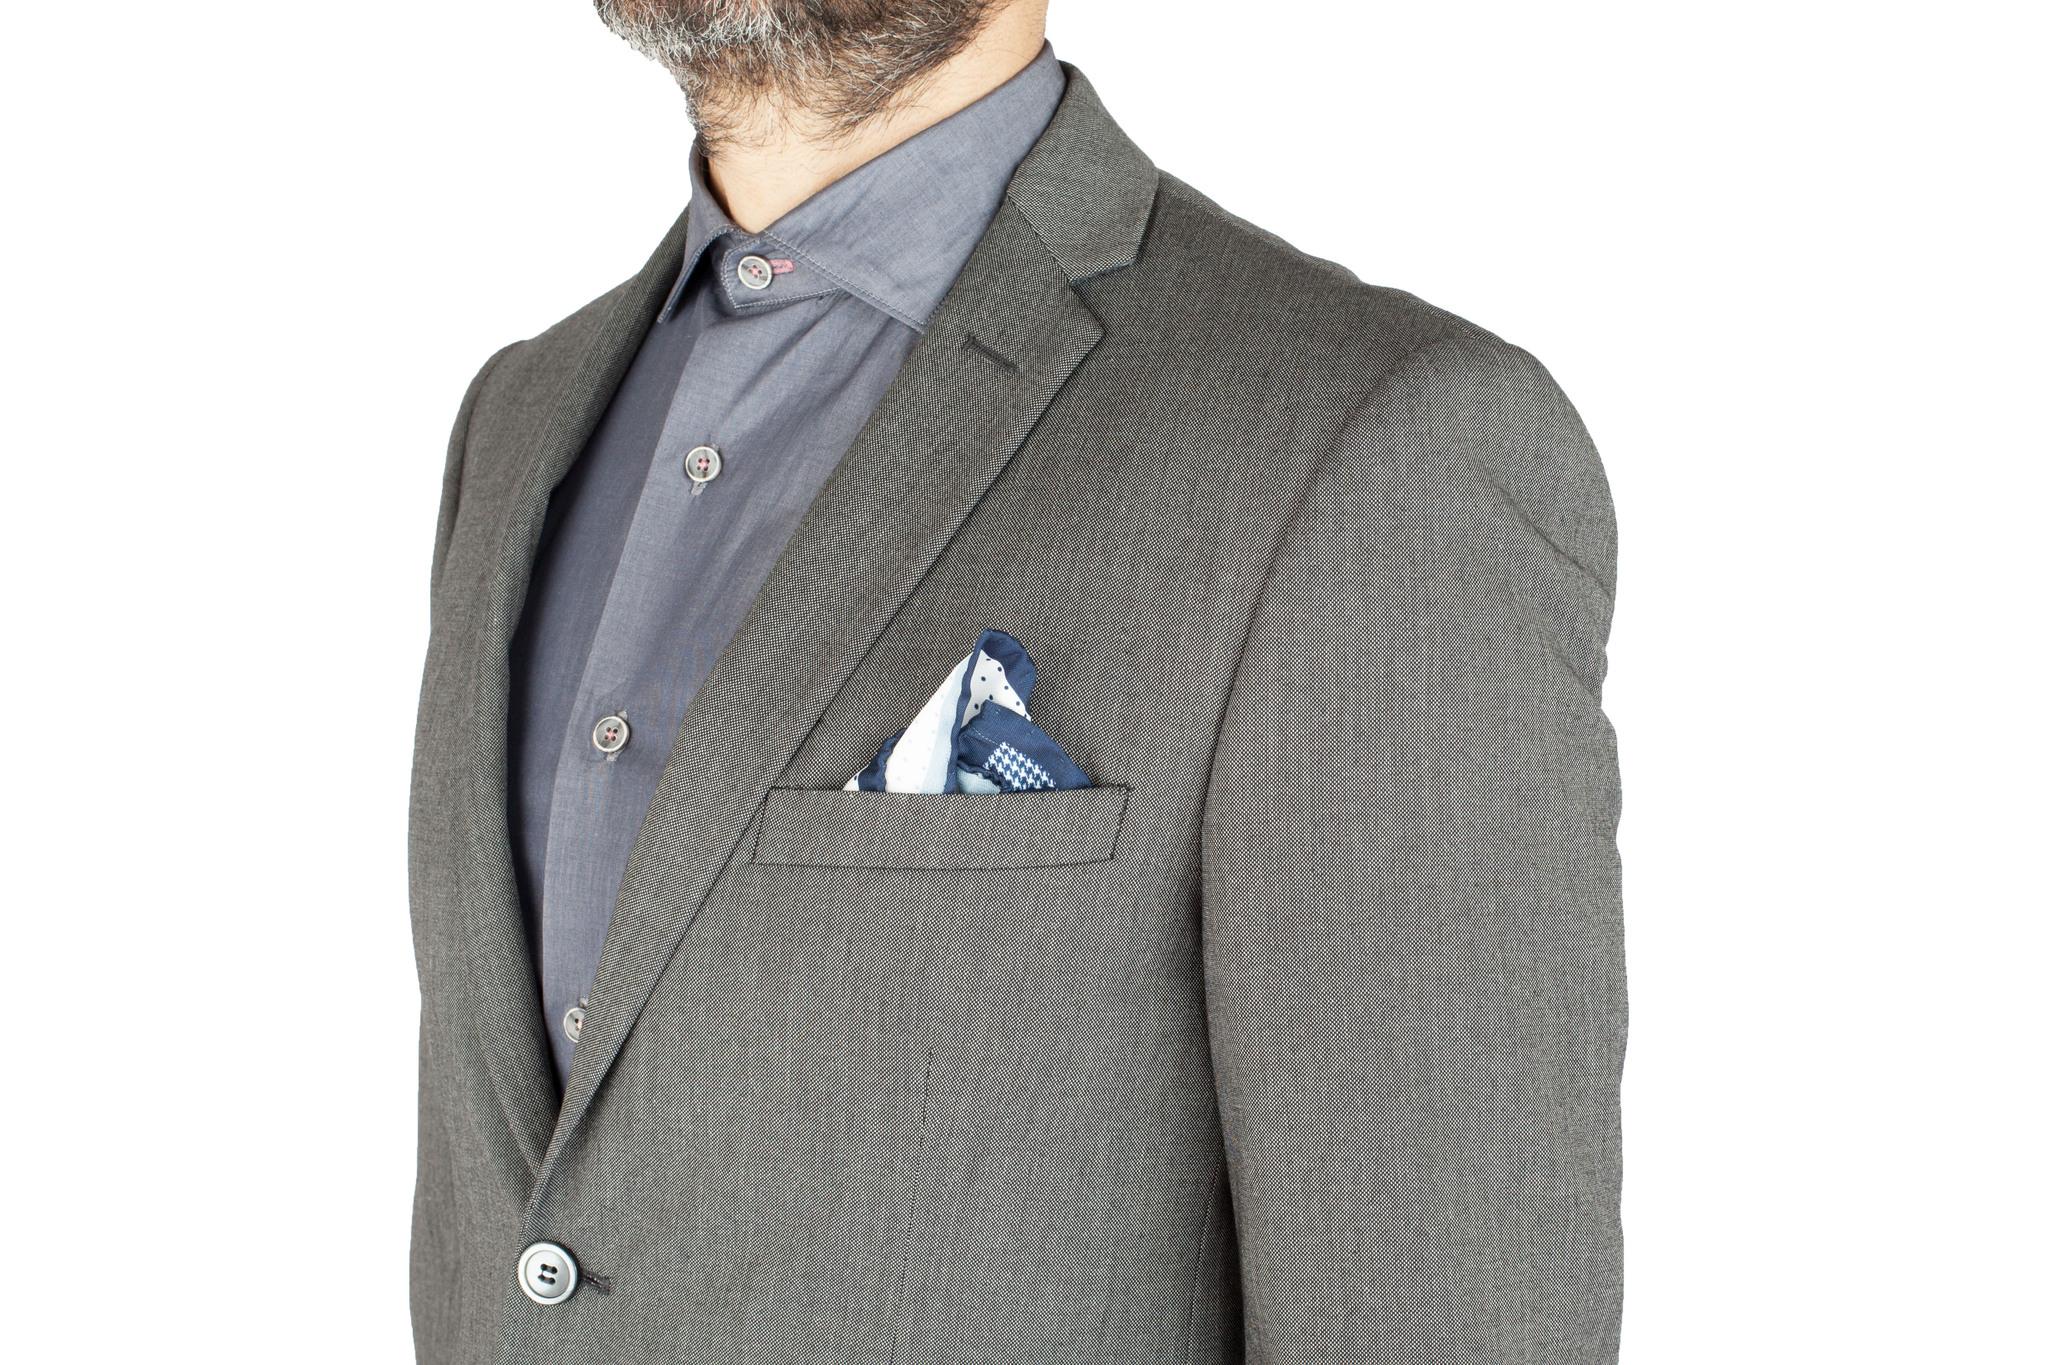 Светло-серый однотонный шерстяной костюм, нагрудный карман